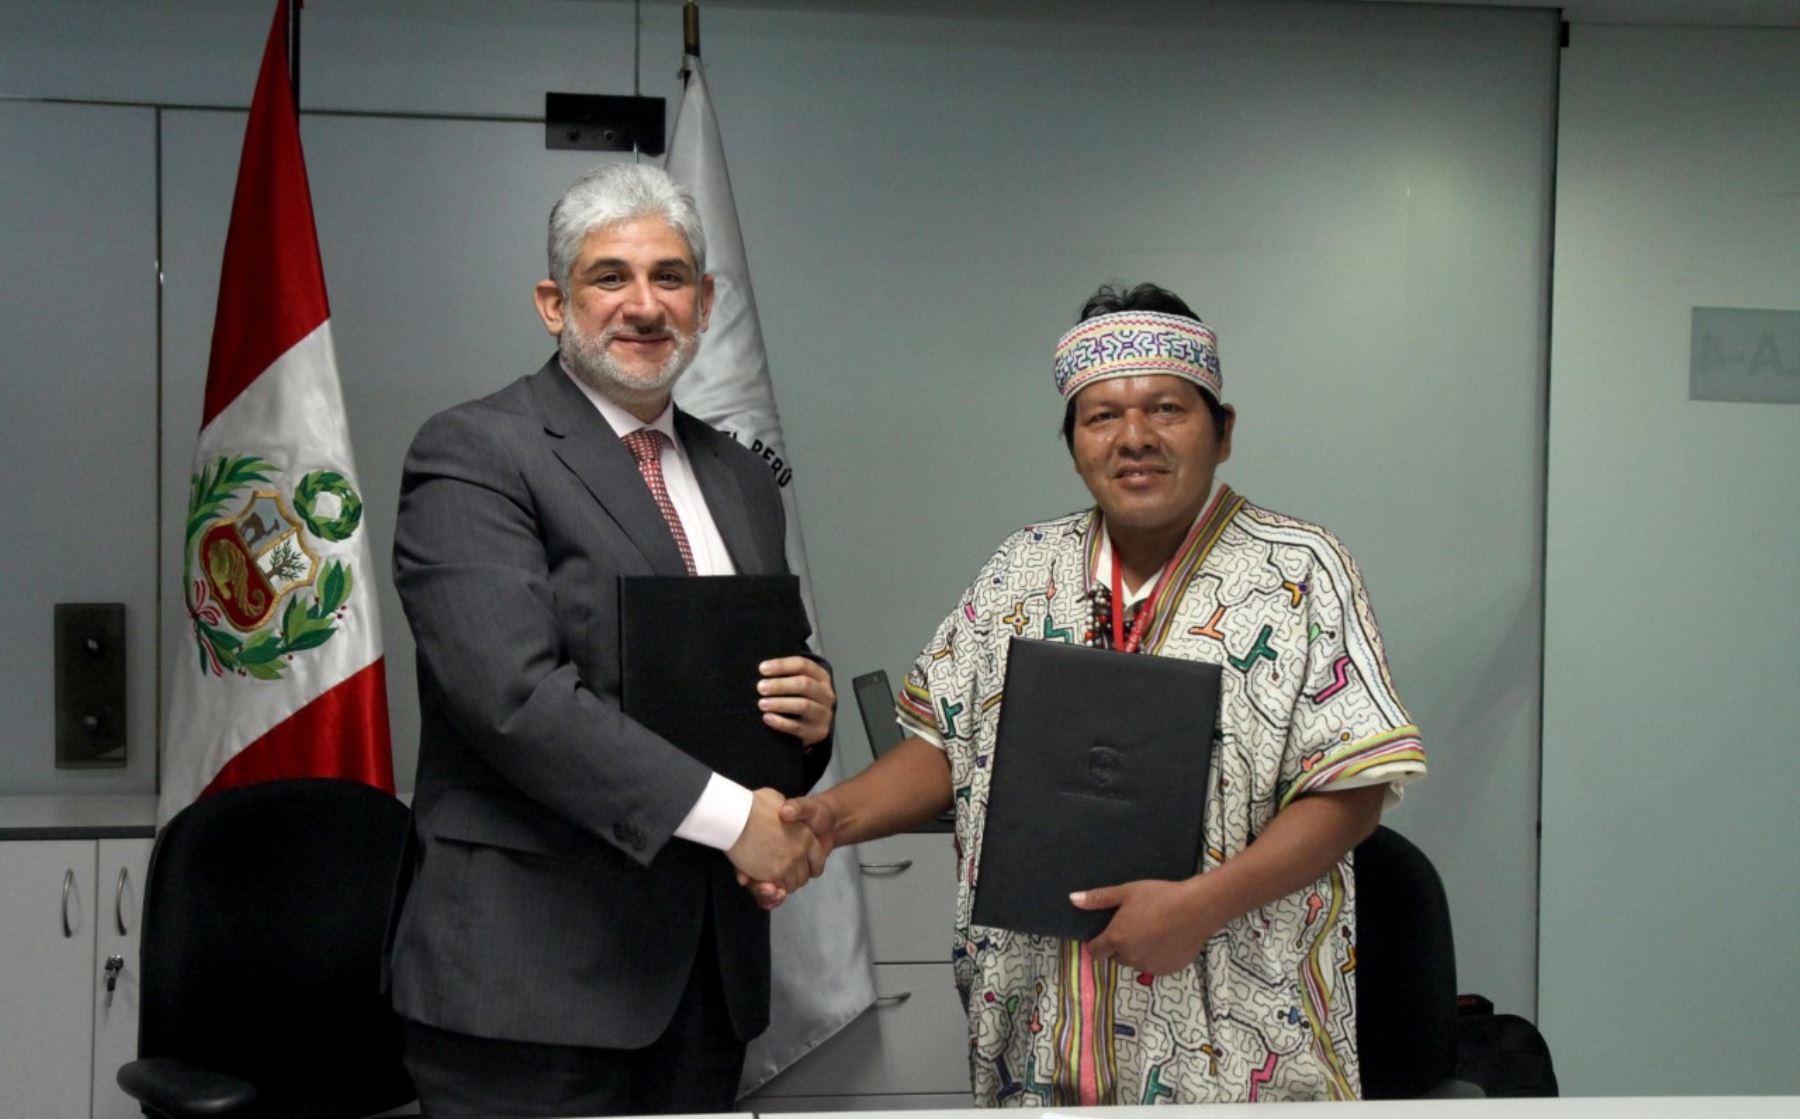 Ministerio de Cultura y Fenamad suscriben convenio de cooperación para garantizar derechos de los pueblos indígenas.